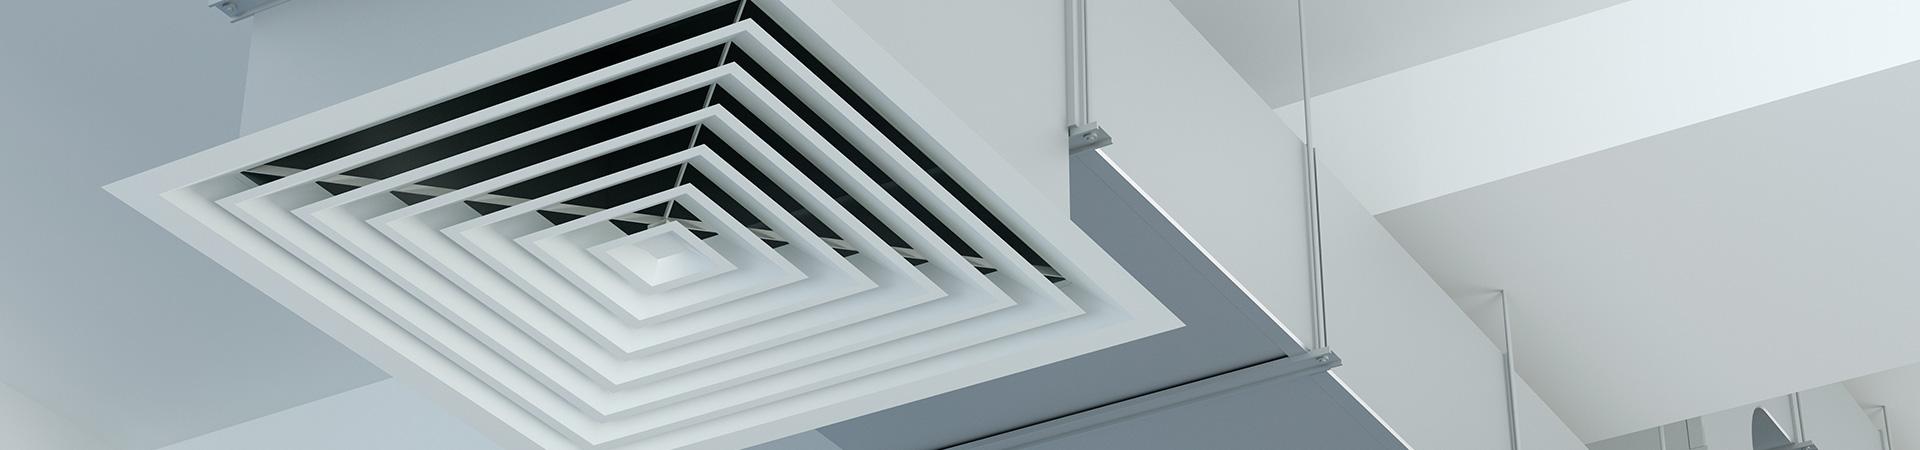 ventilation_analysis_webinar_header_interior_desktop